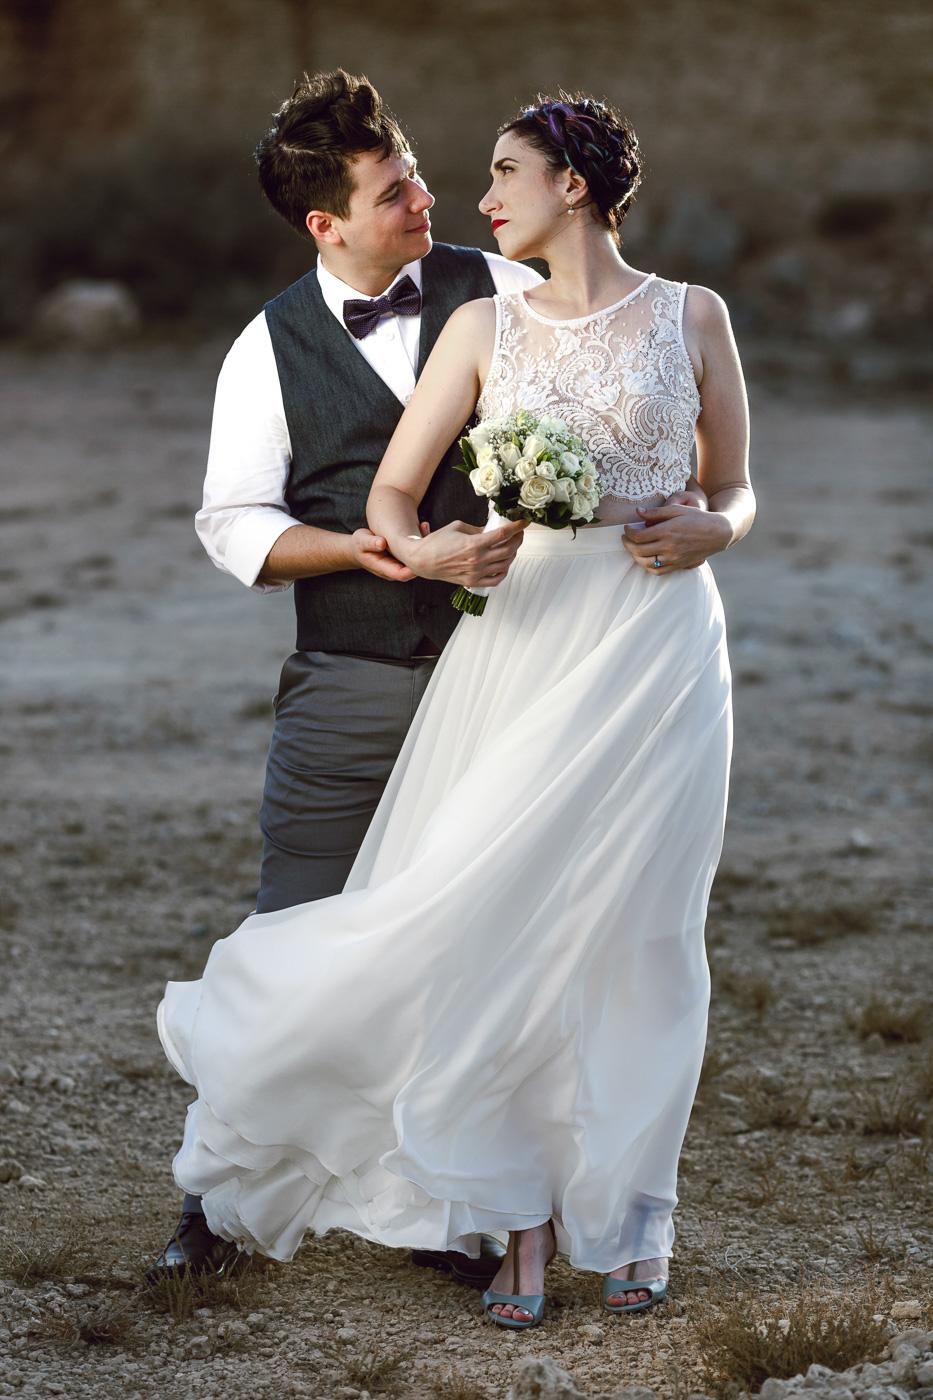 Leore & Yiftach wedding_0211.jpg